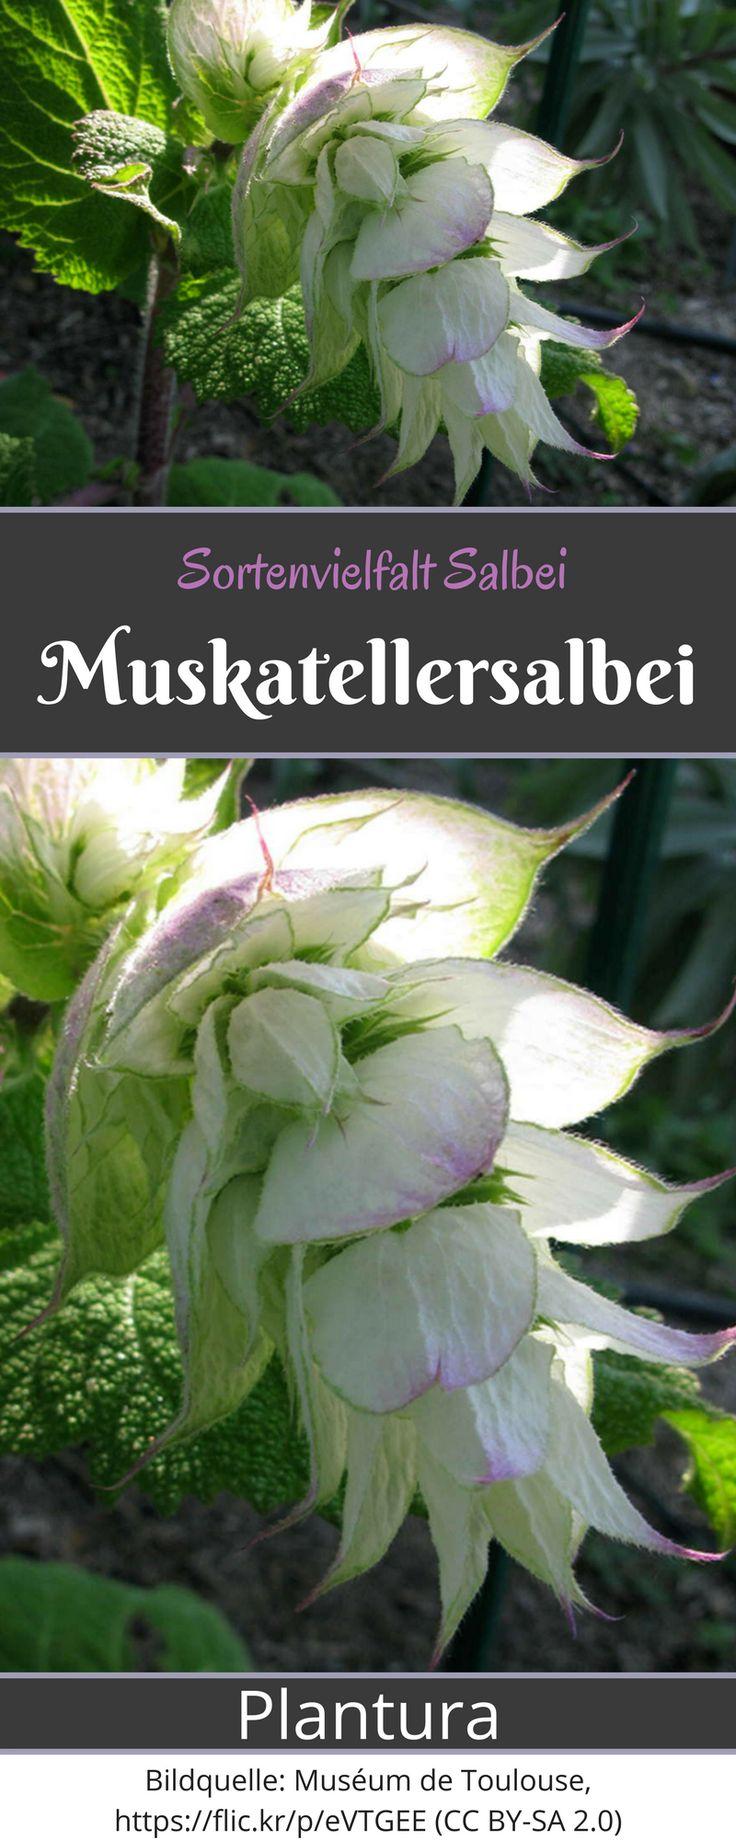 Muskatellersalbei: Über 900 verschiedene Salbeisorten gibt es weltweit. Bei Plantura findet Ihr einen Überblick über die wichtigsten Sorten!